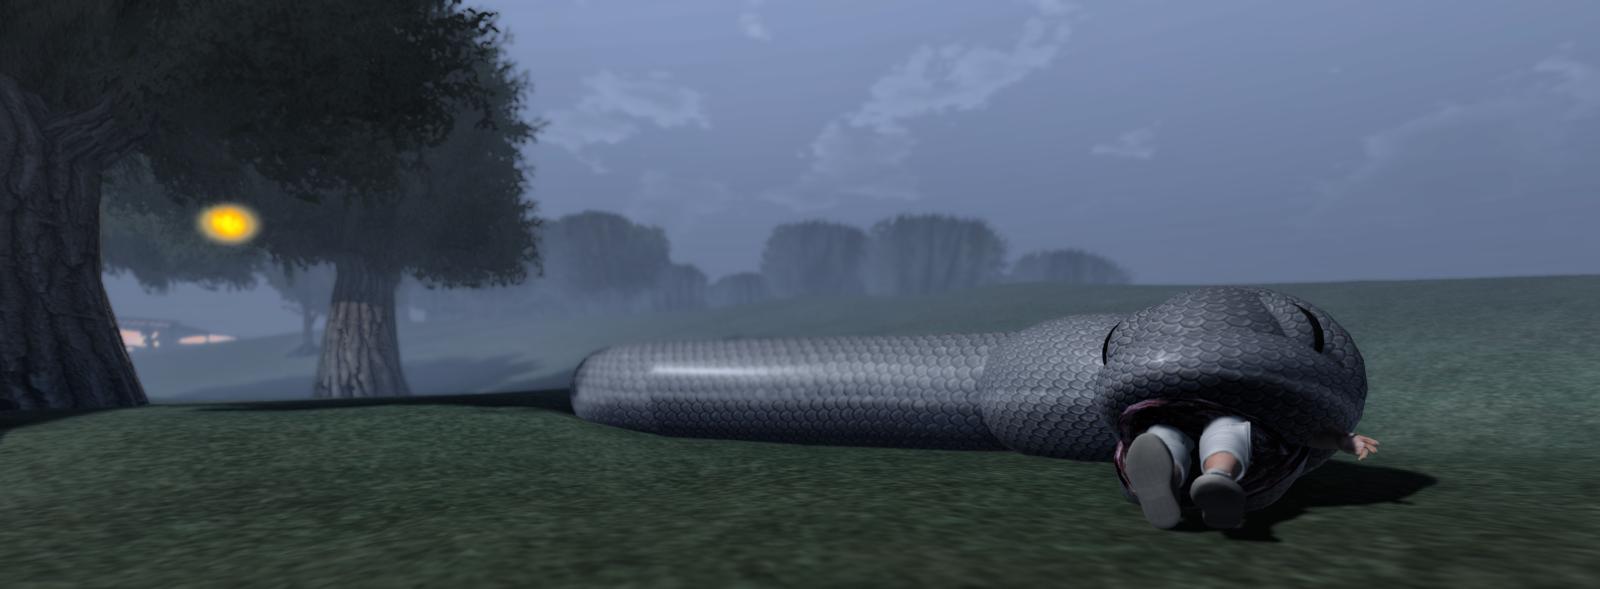 The anaconda eats Ricco